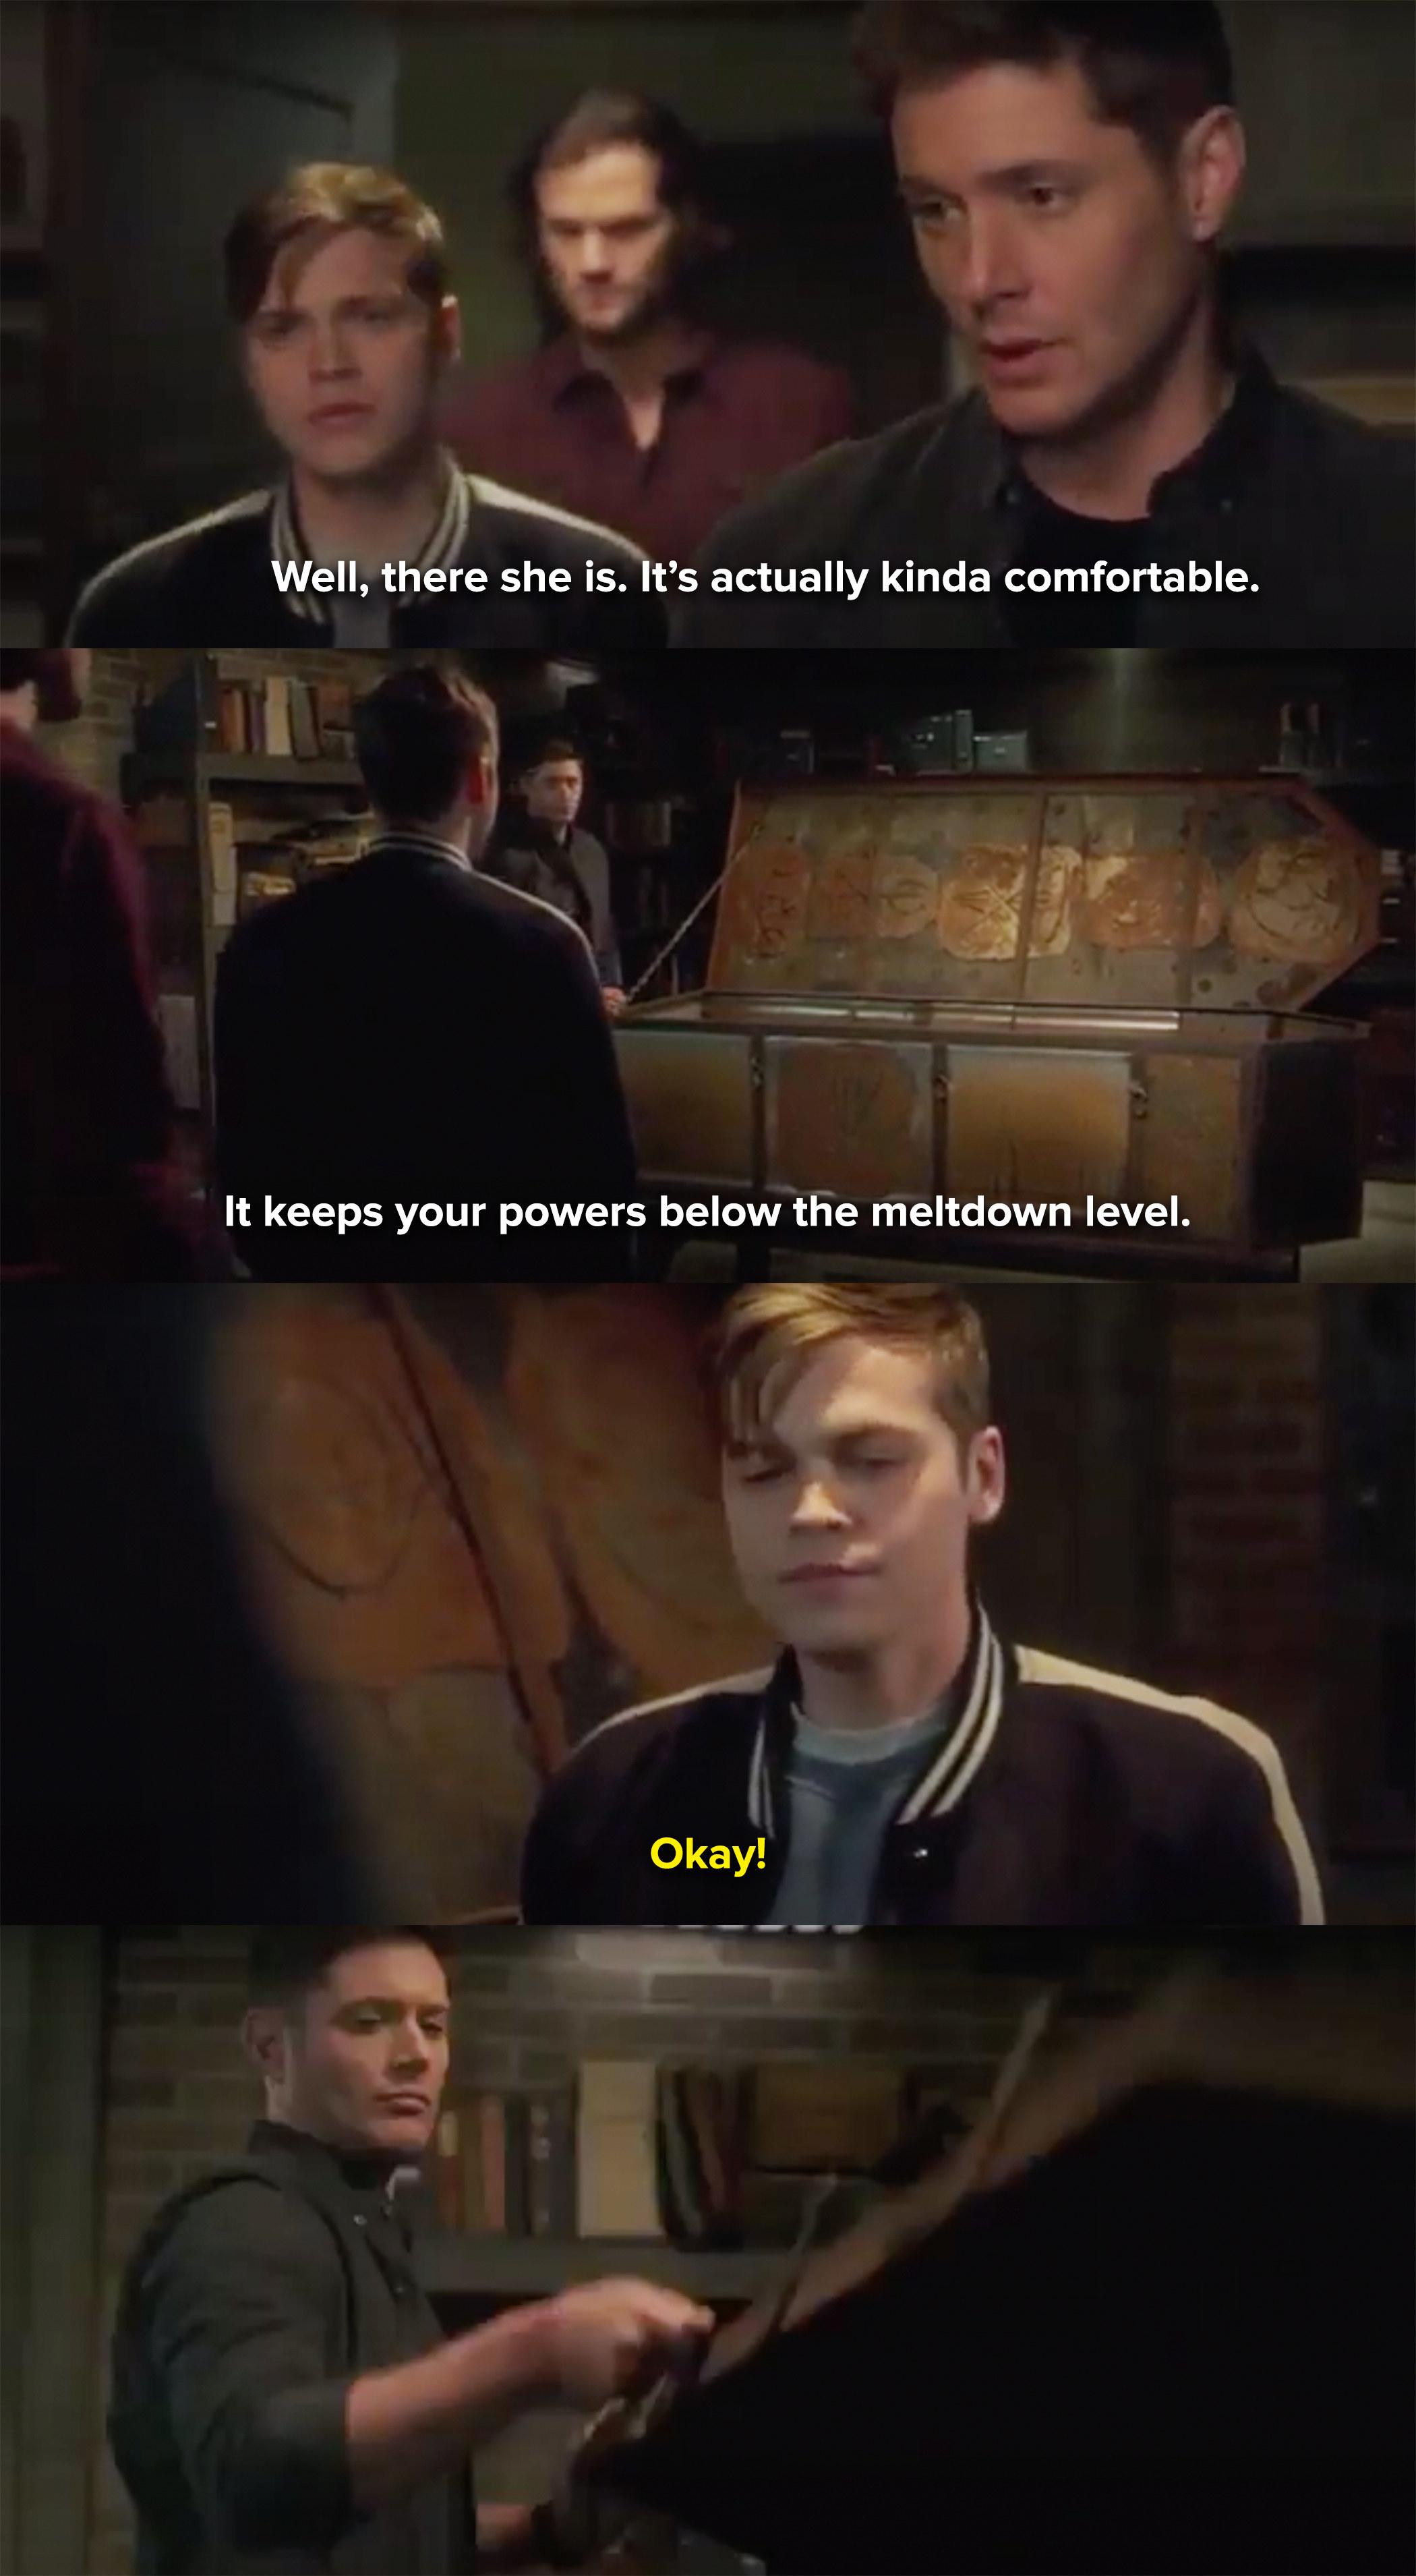 Dean convinces Jack to let him lock him inside a box